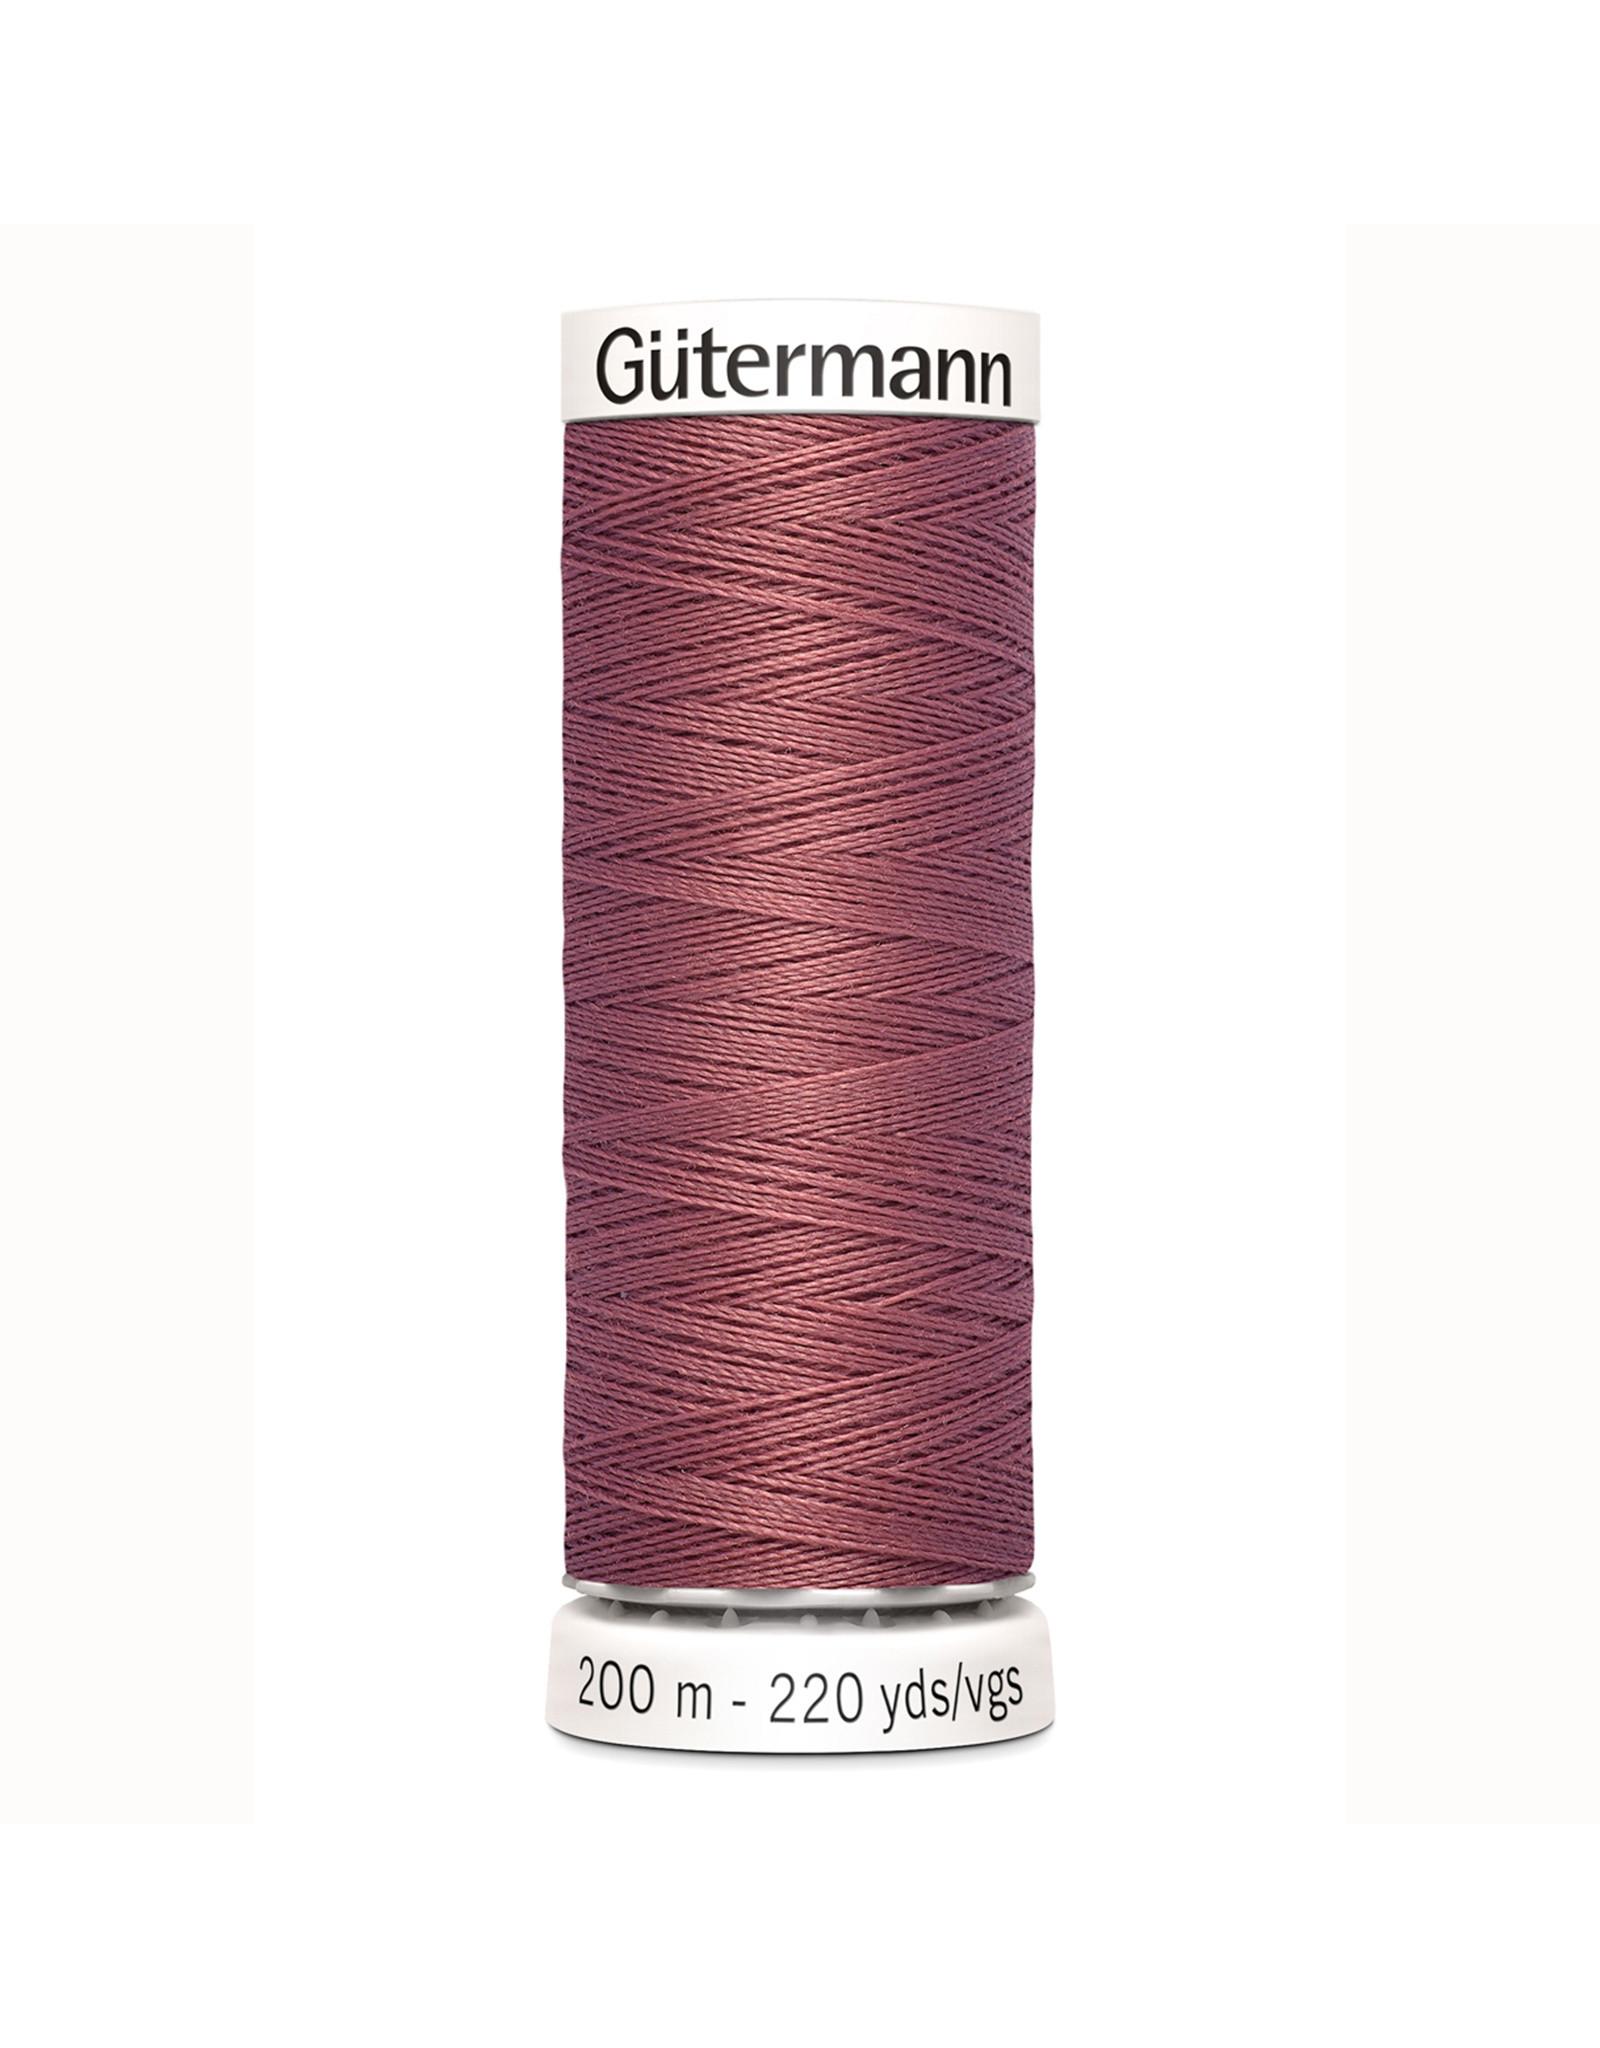 Gütermann Gütermann Nähgarn 200 m - nr 474